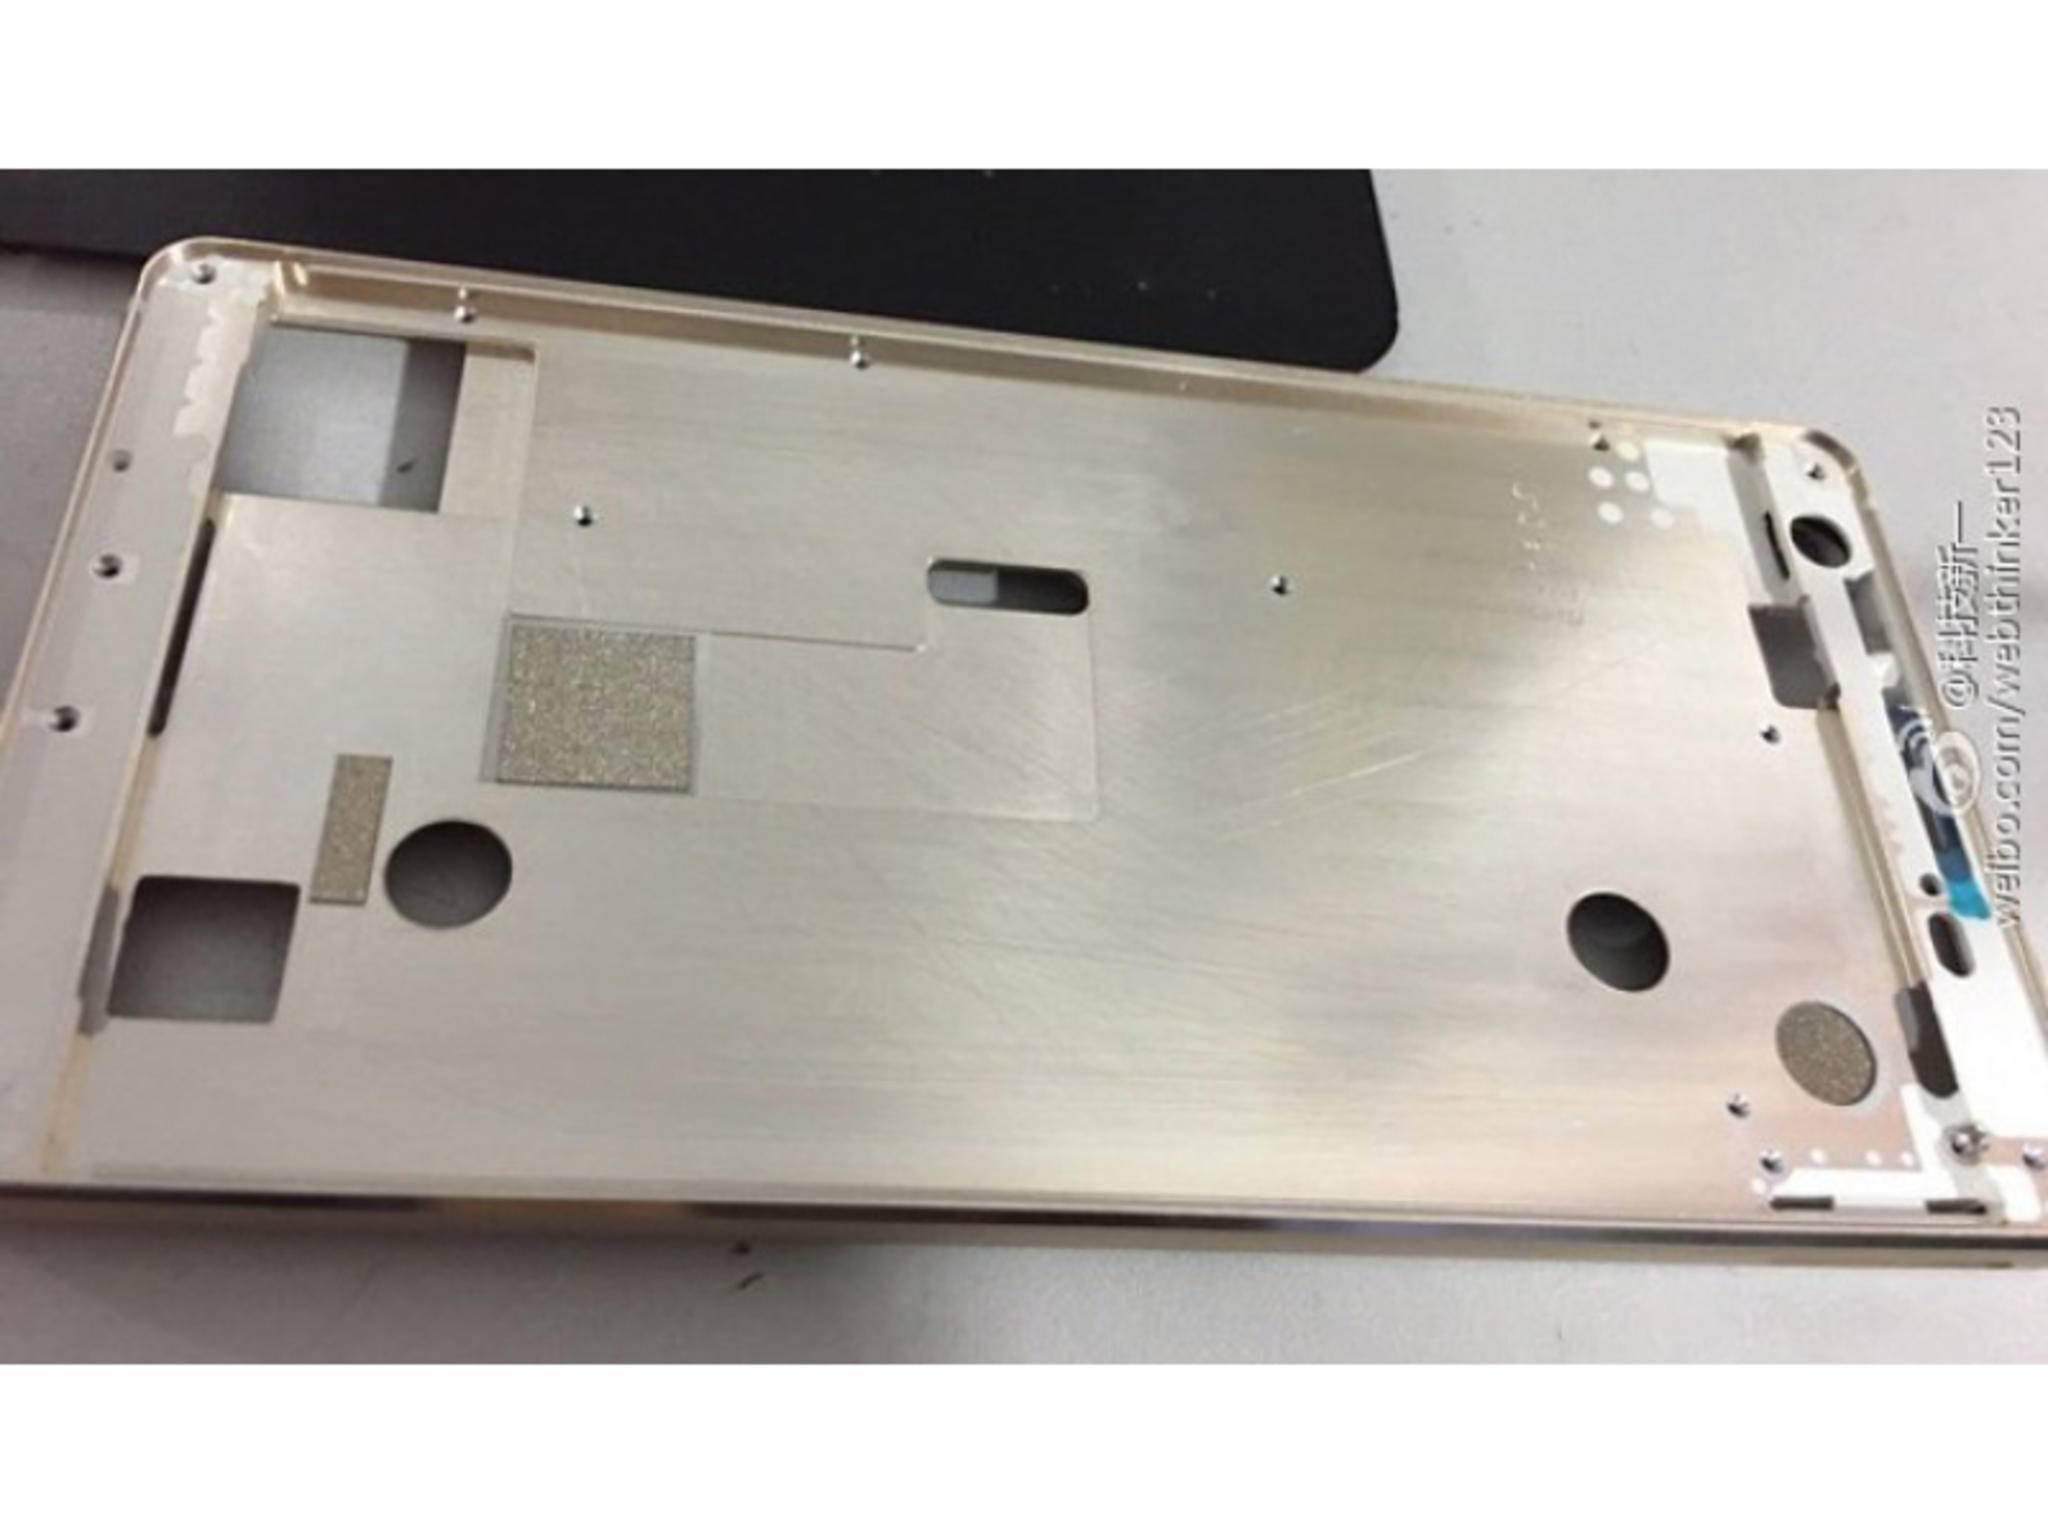 Angebliches Gehäuse des Galaxy S7.